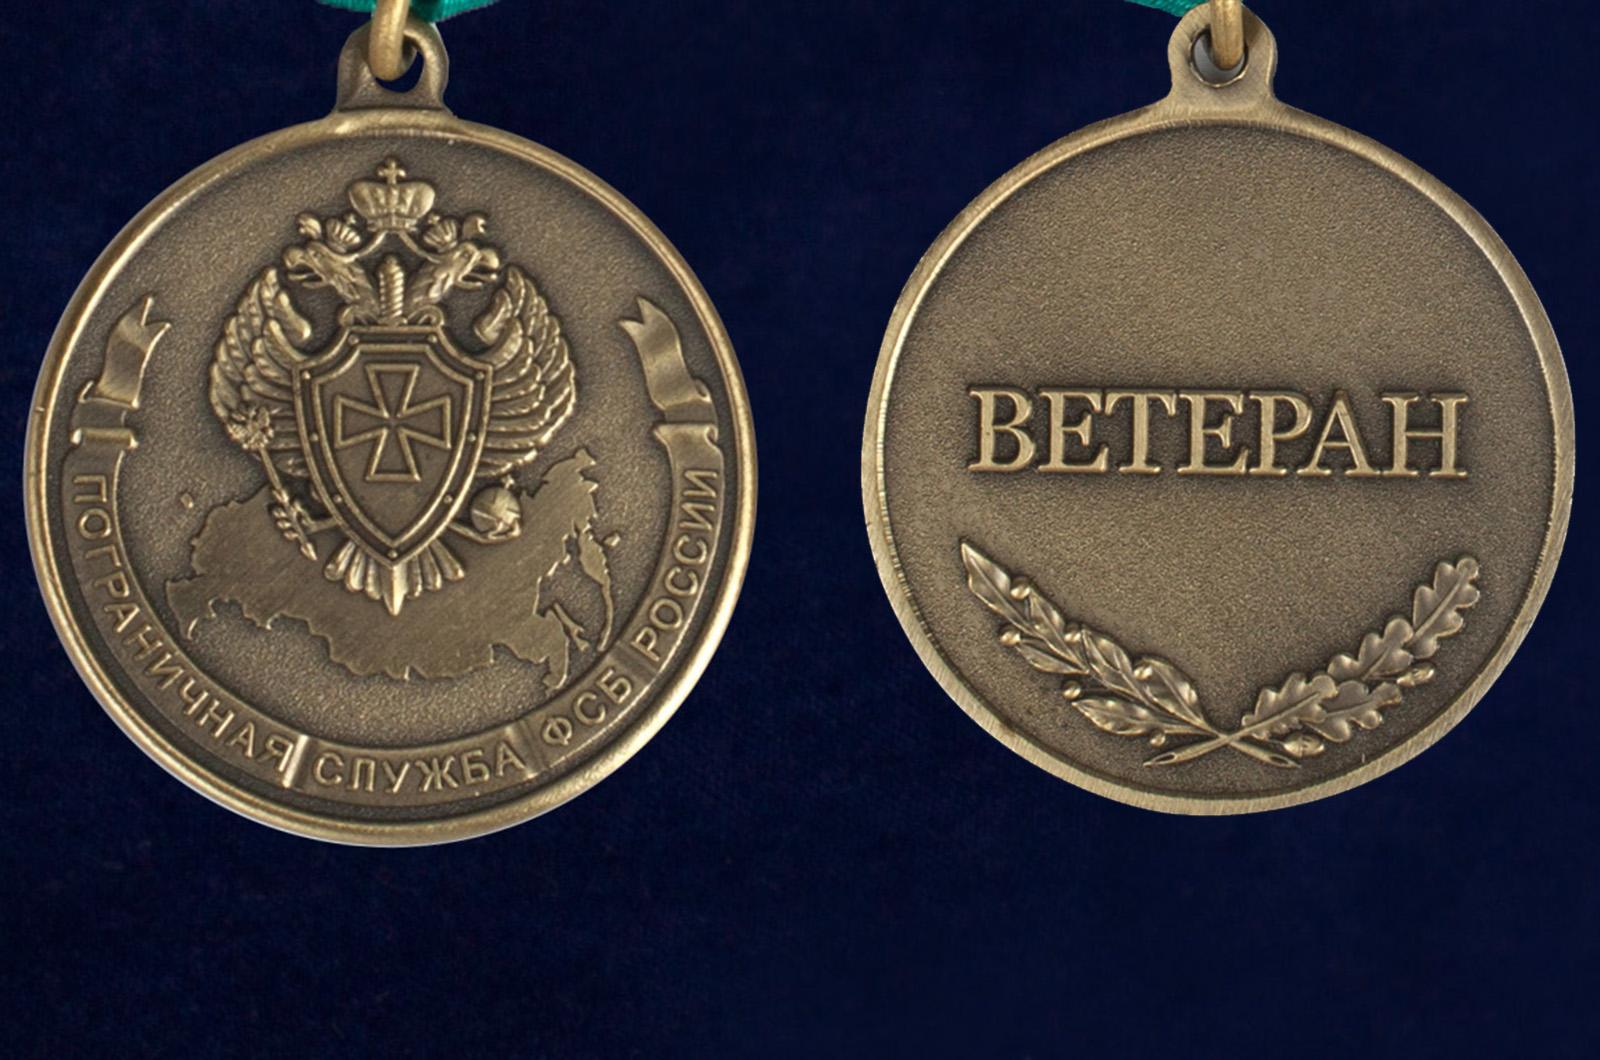 Медаль Ветеран Погранслужбы ФСБ РФ в футляре из флока с прозрачной крышкой - аверс и реверс